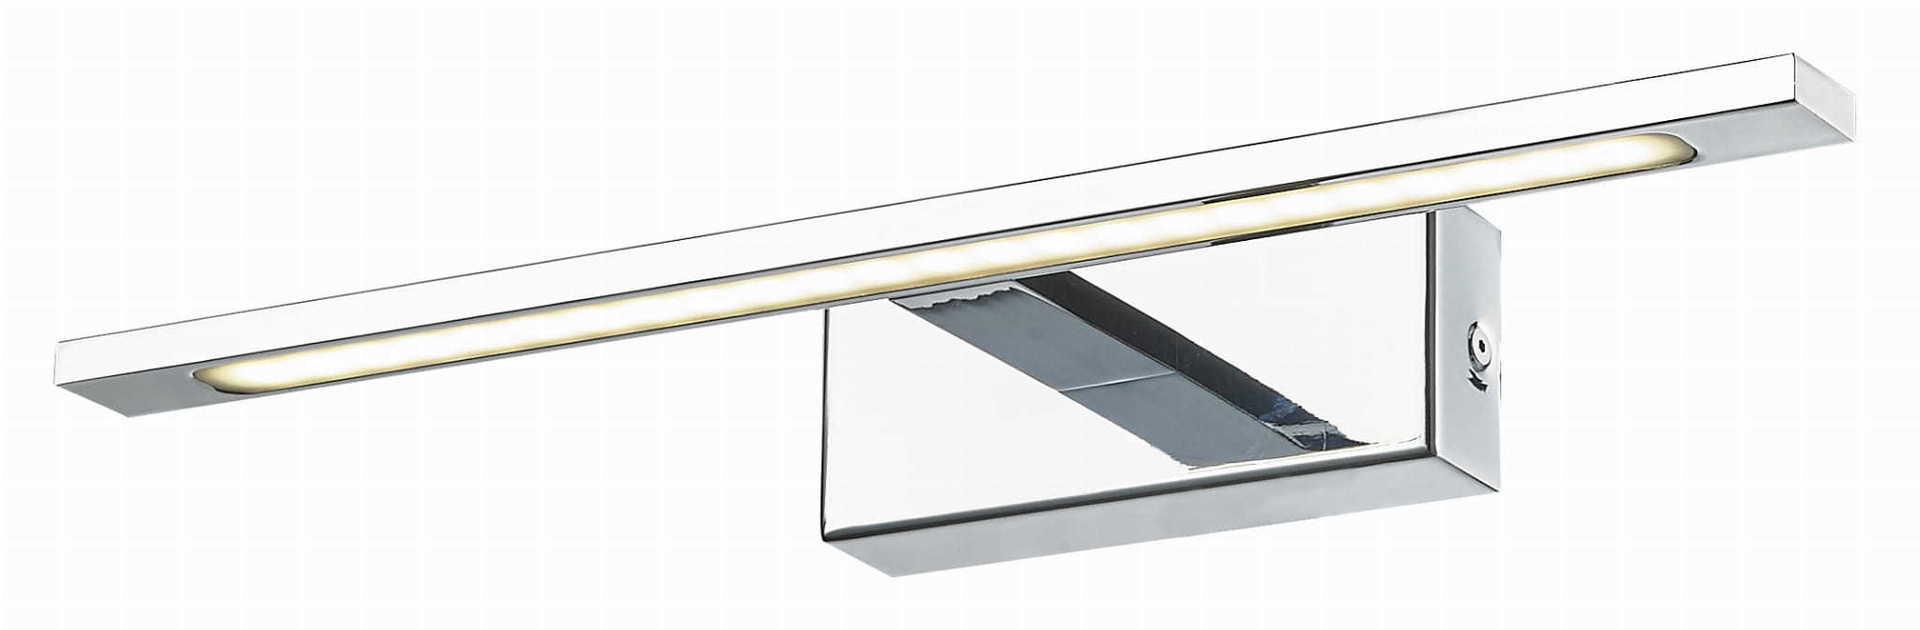 Zrcadlové nástěnné svítidlo Isla, chrom IP44